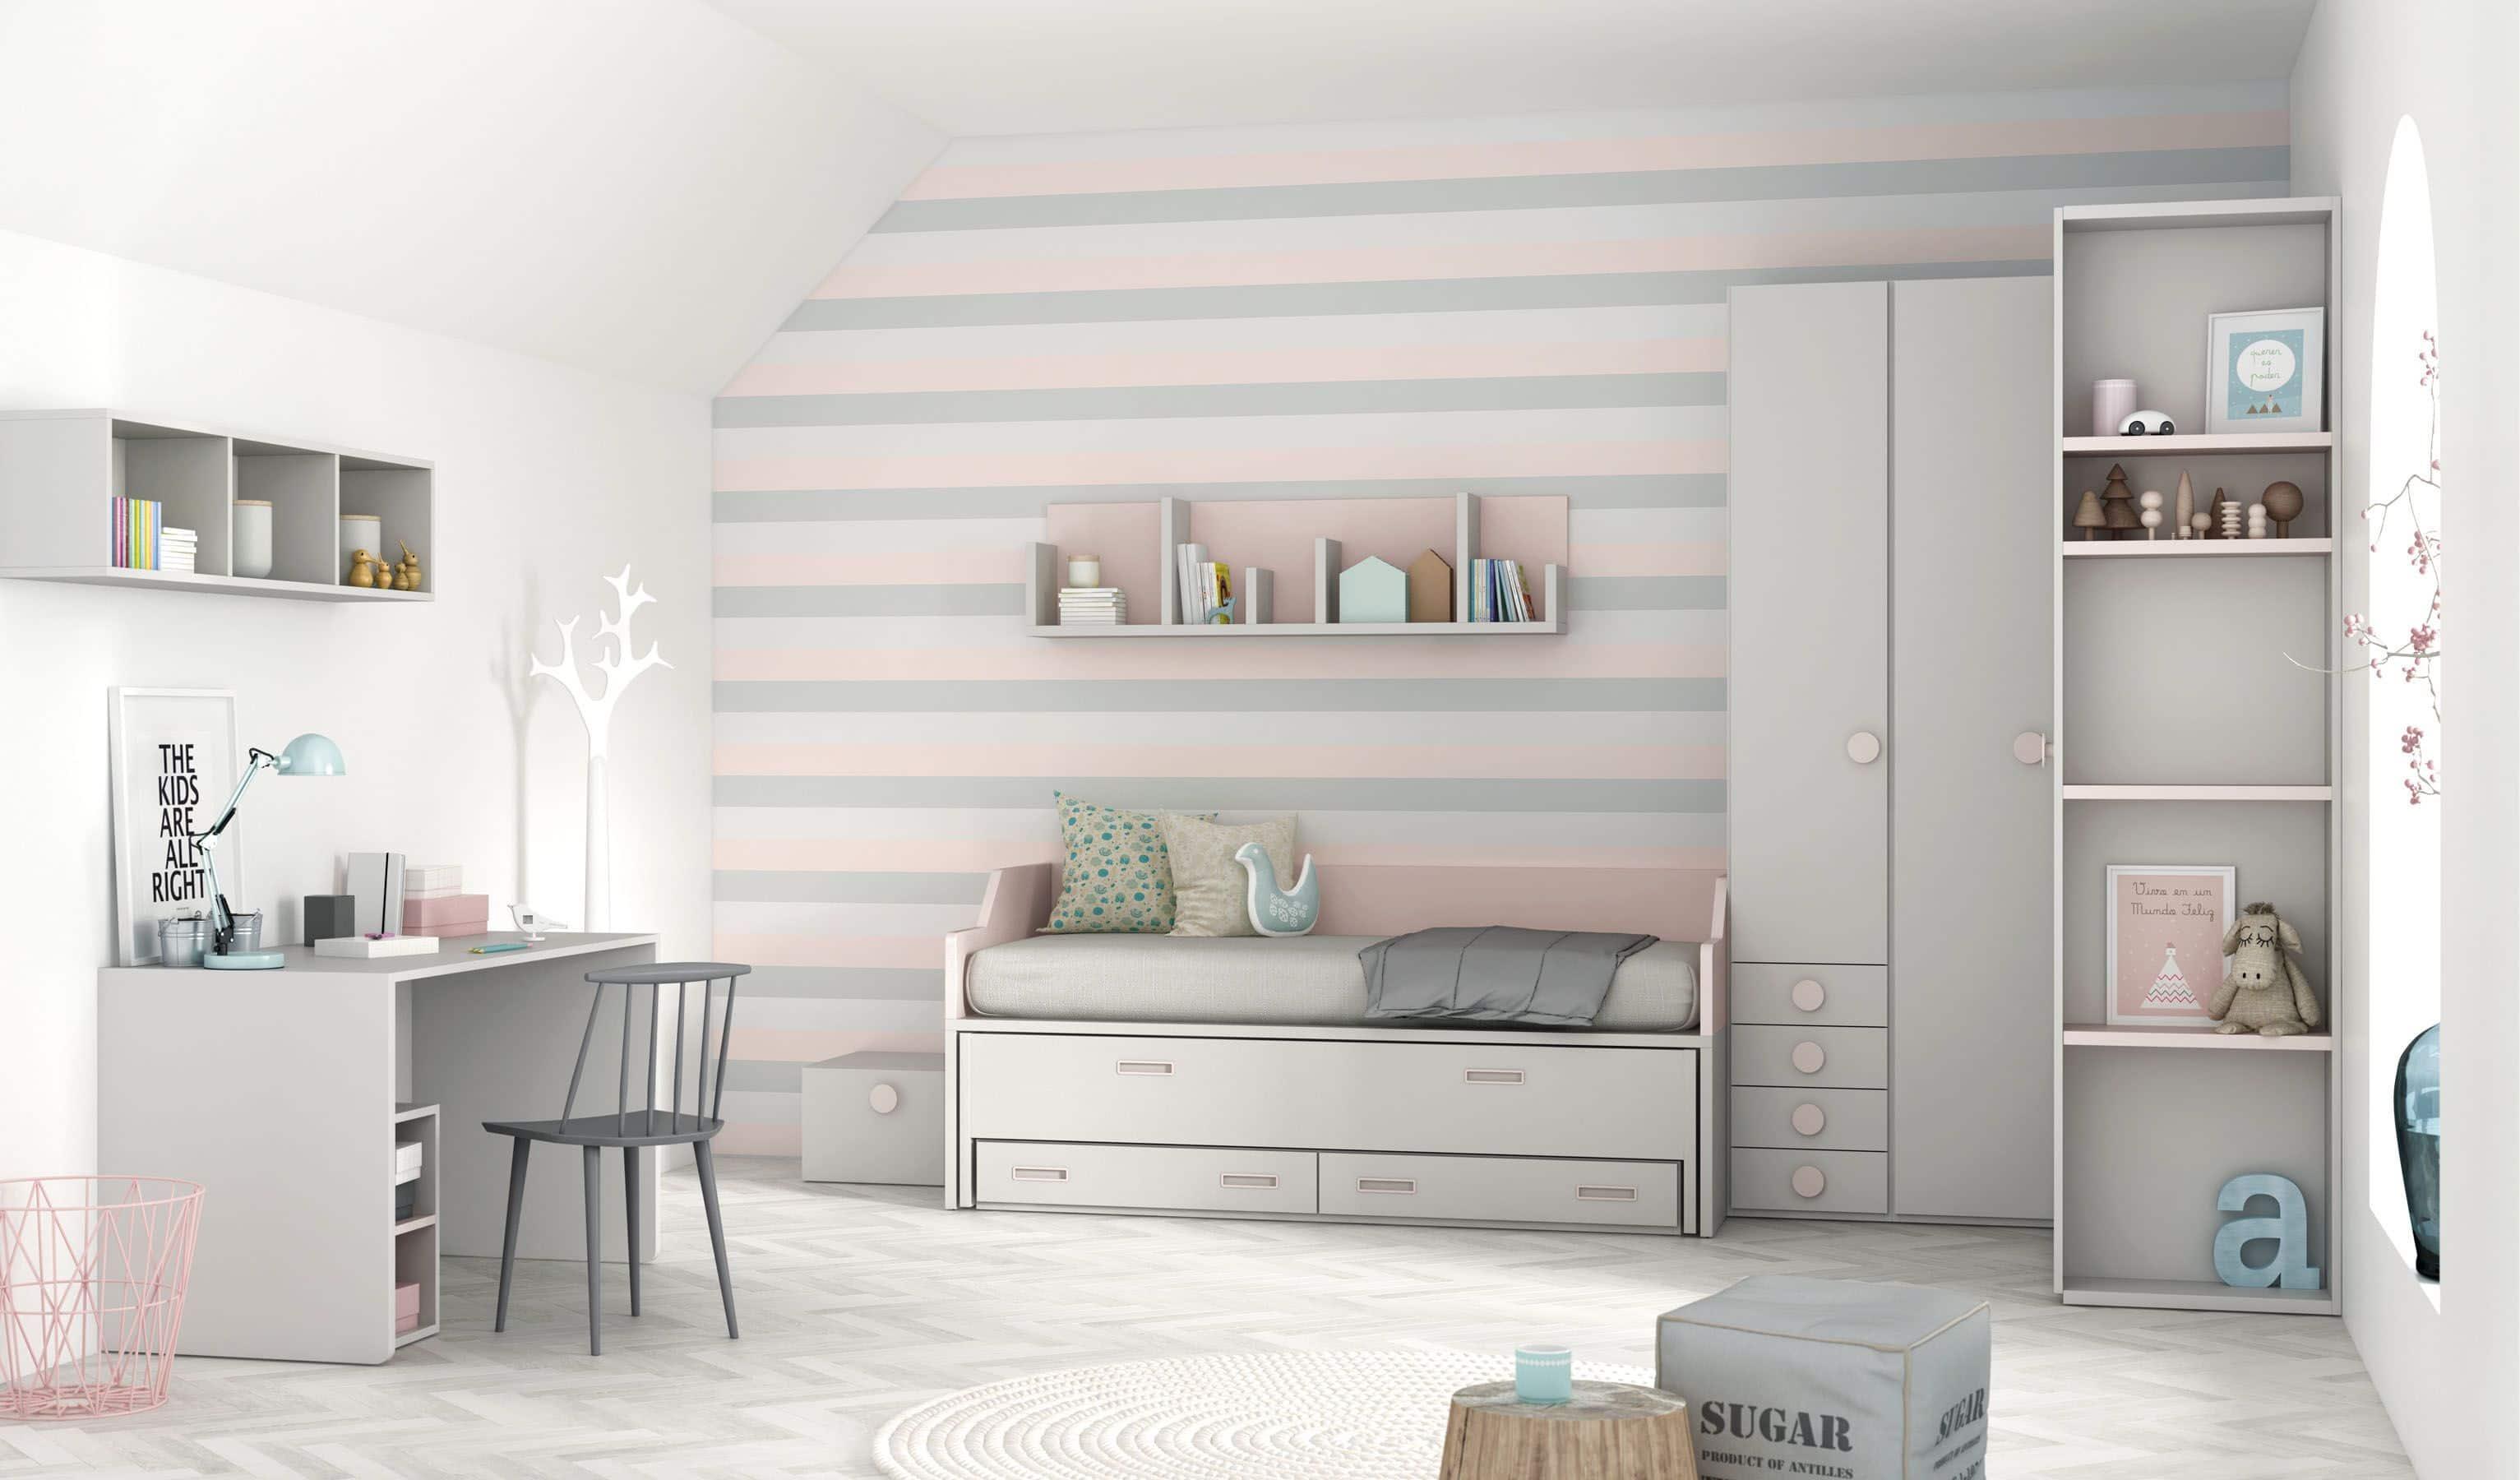 Dormitorio Juvenil Elegance Bautista Muebles Y Decoraci N # Muebles Bautista